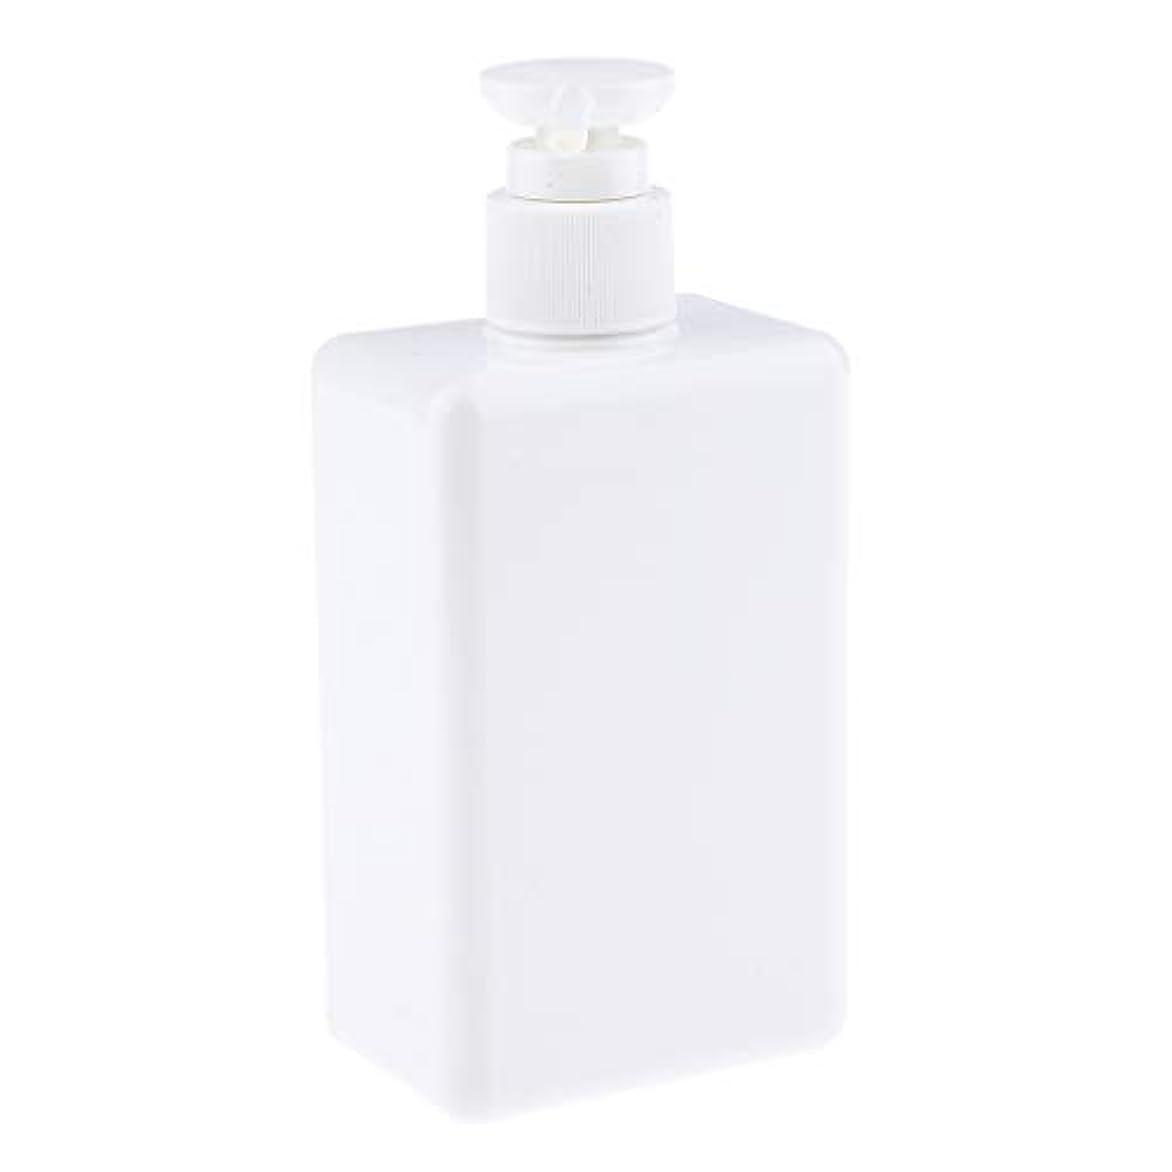 上にブレーキボランティア280ml ポンプボトル 空ボトル 詰め替え容器 プラスチックボトル シャンプー 漏れ防止 全4色 - 白